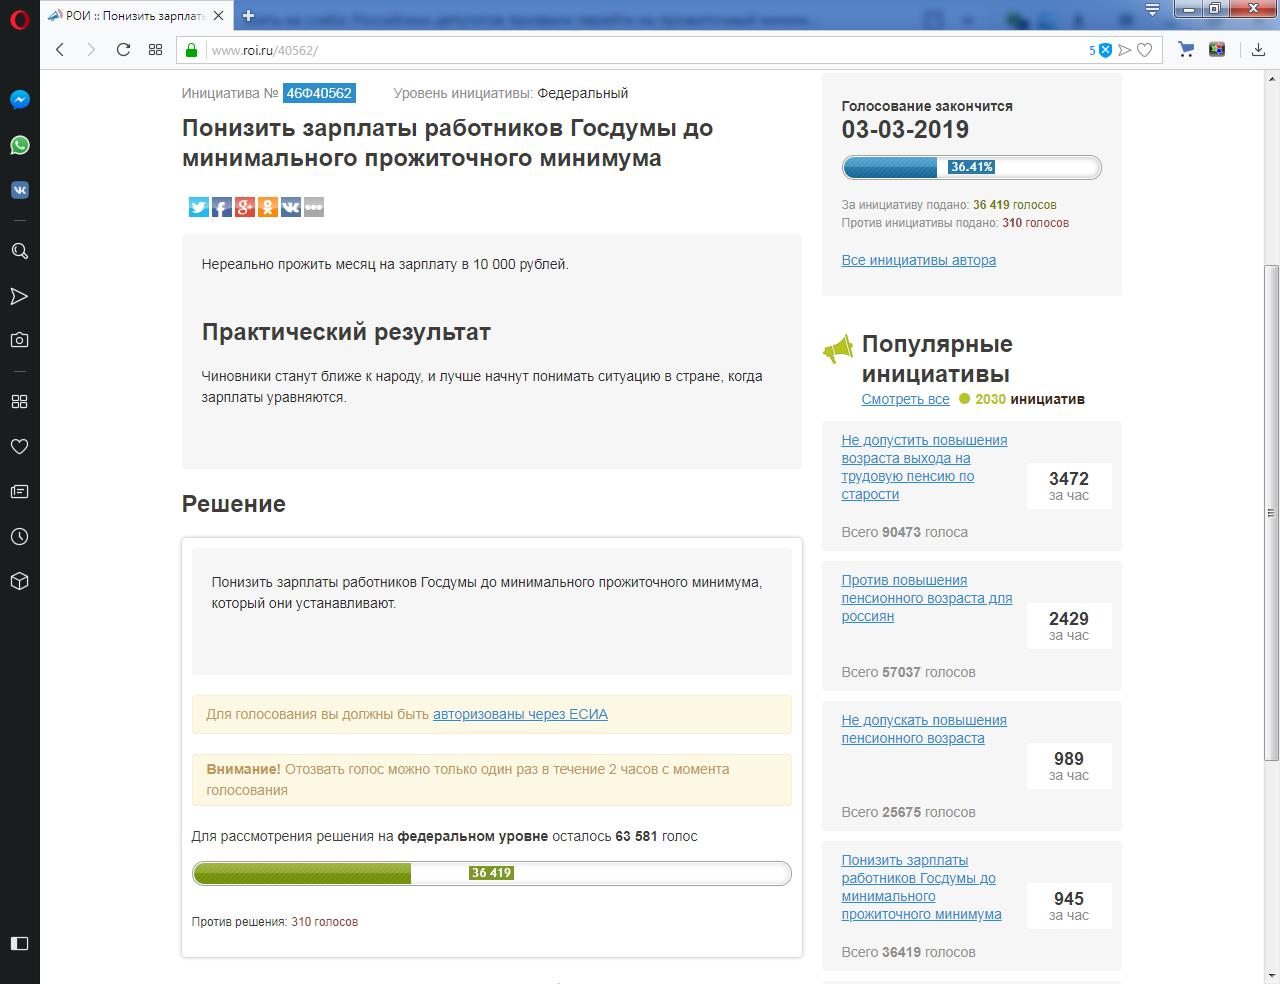 Взять на слабо: Российских депутатов призвали перейти на прожиточный минимум